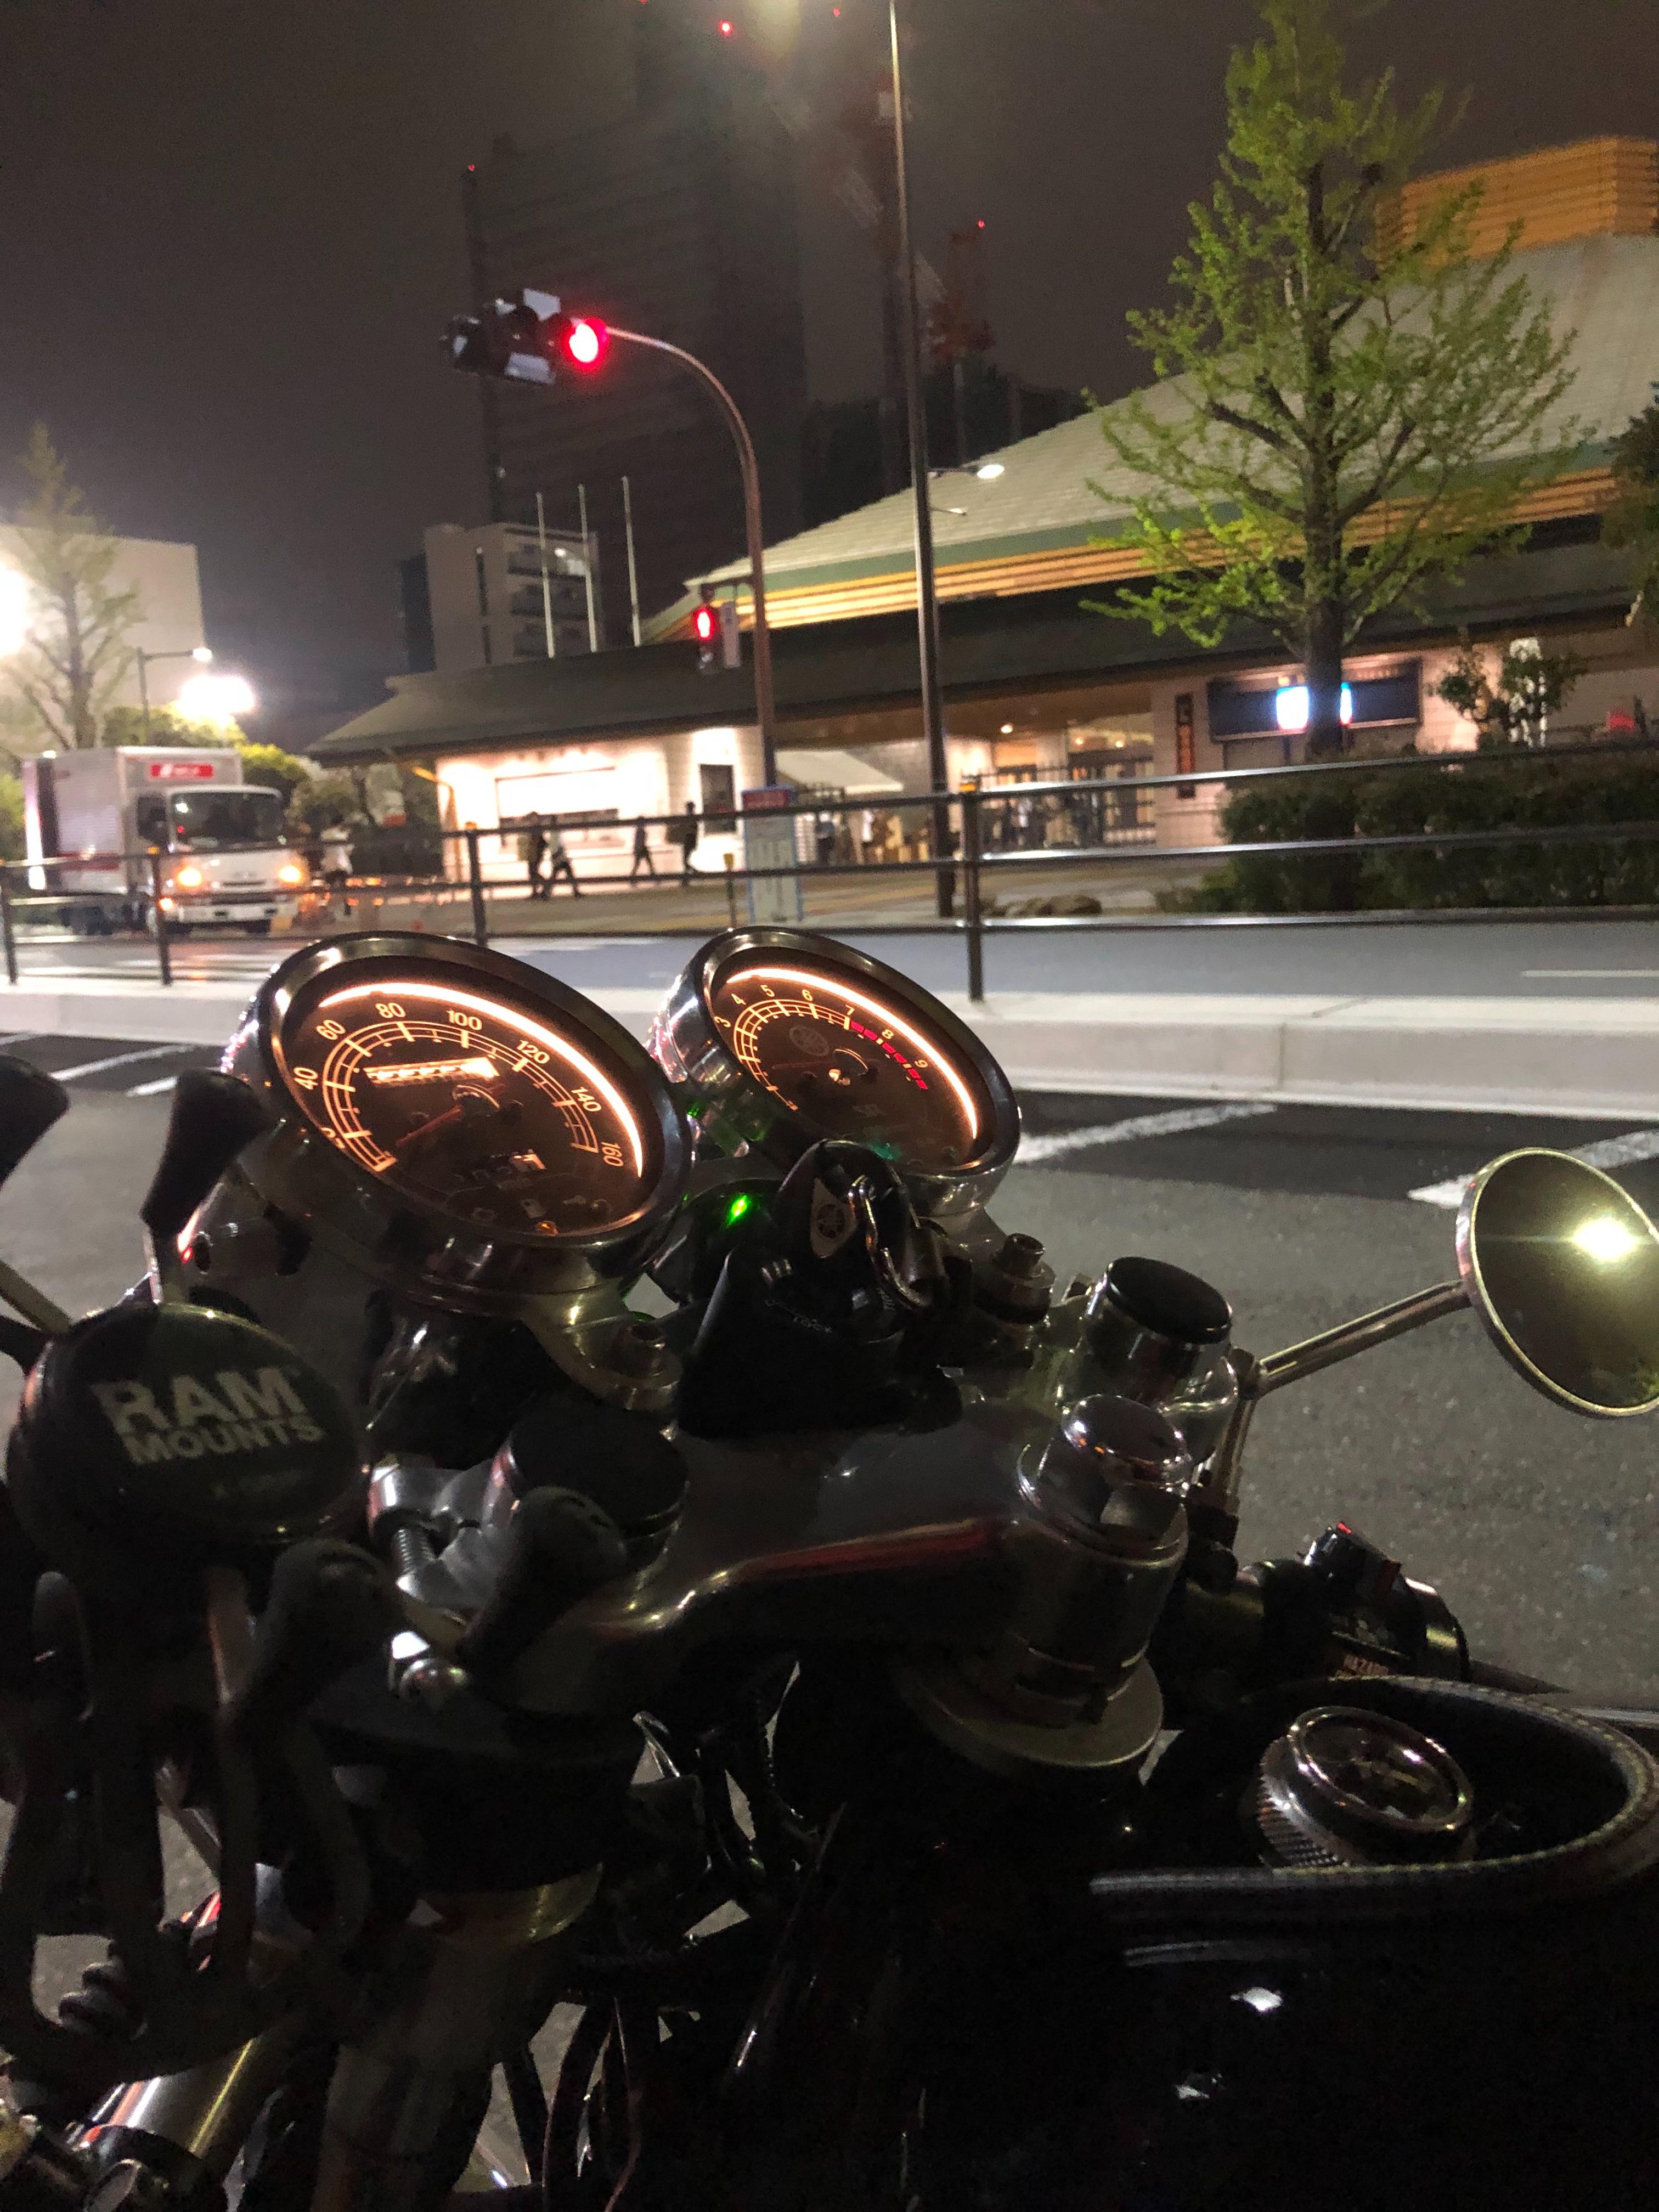 f:id:yukiaveiro:20200202172752j:image